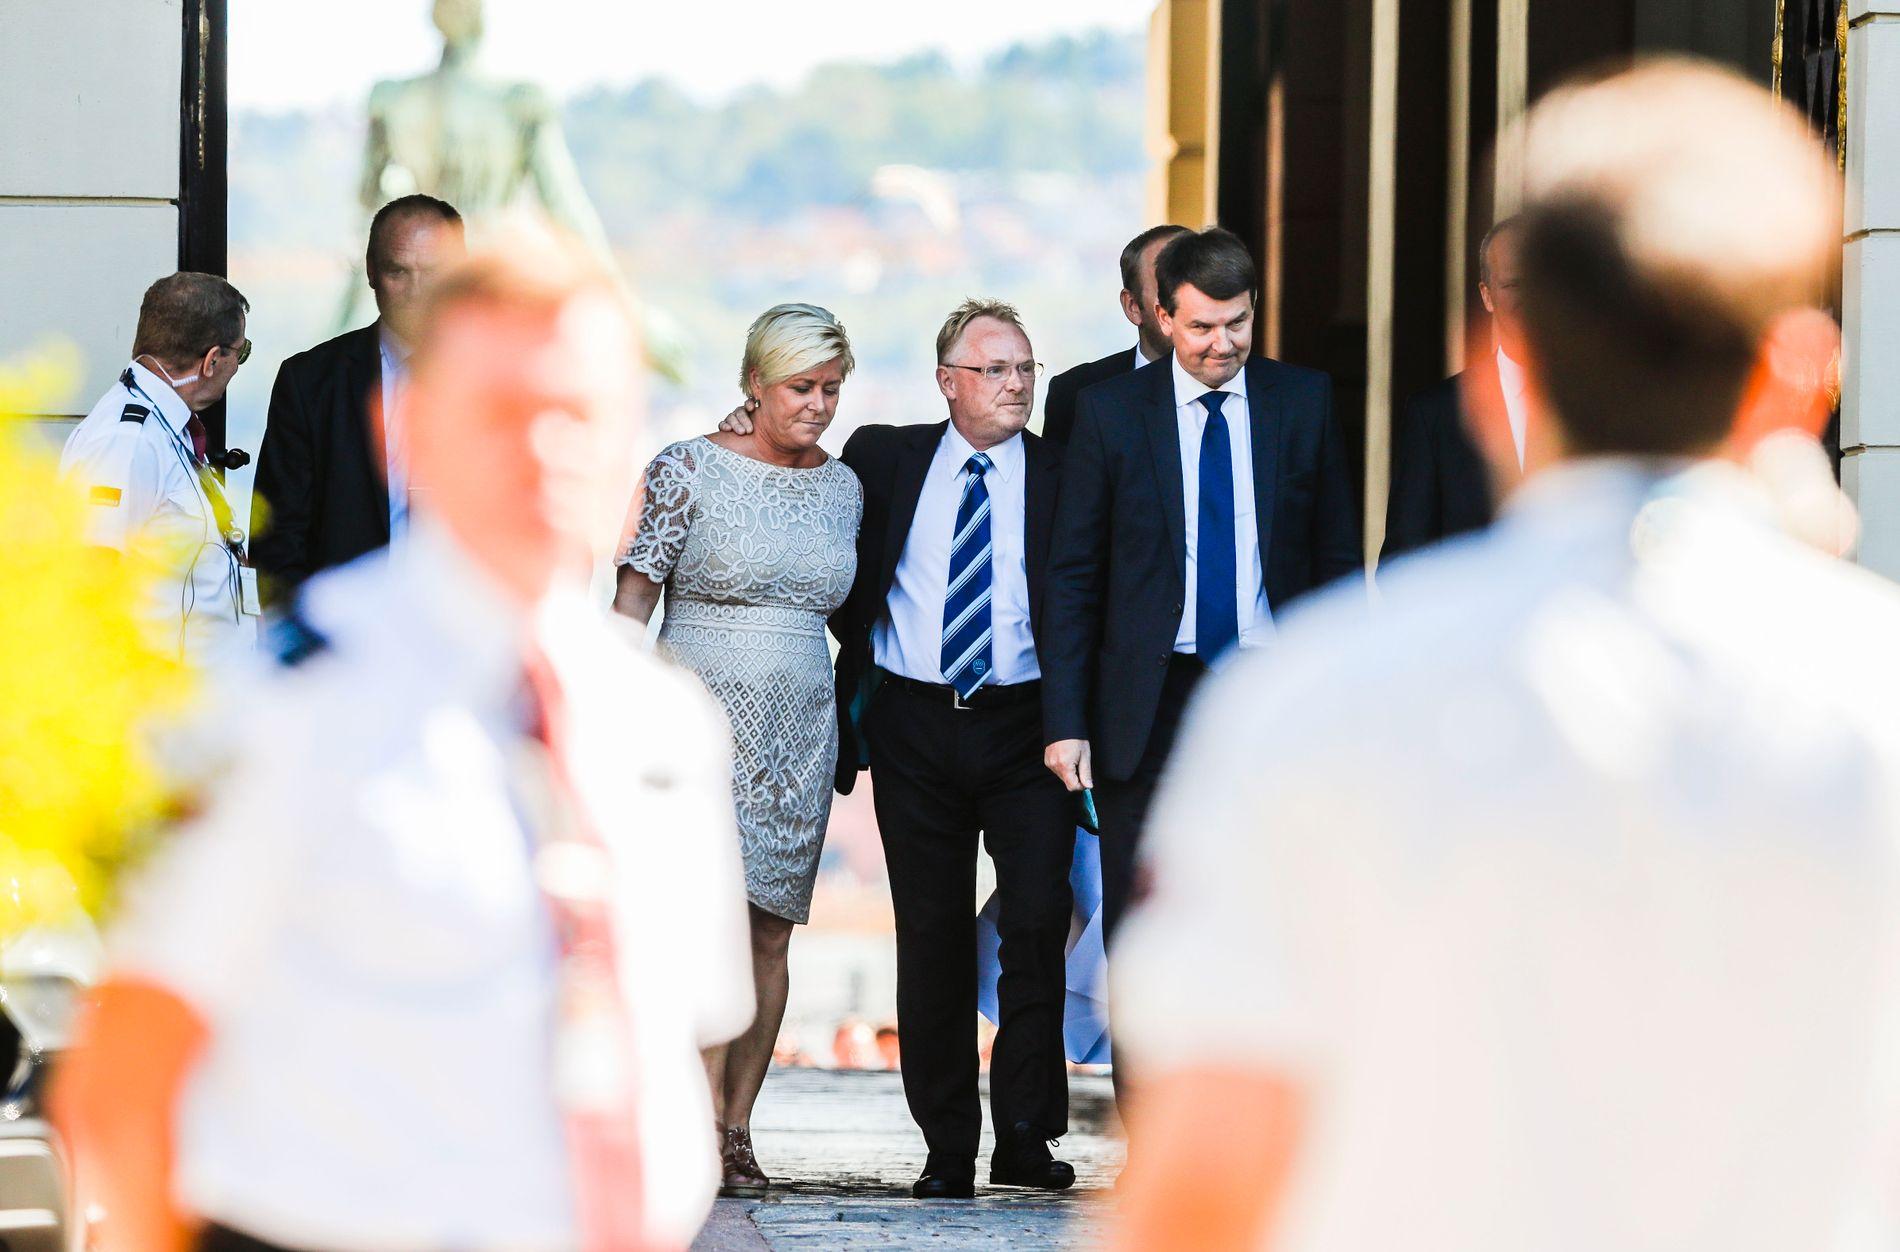 TREKKER SEG: Per Sandberg trekker seg som nestleder i Frp. Her er han på vei ut fra slottet med partileder Siv Jensen etter ekstraordinært statsråd hvor Sandberg gikk av som fiskeriminister.